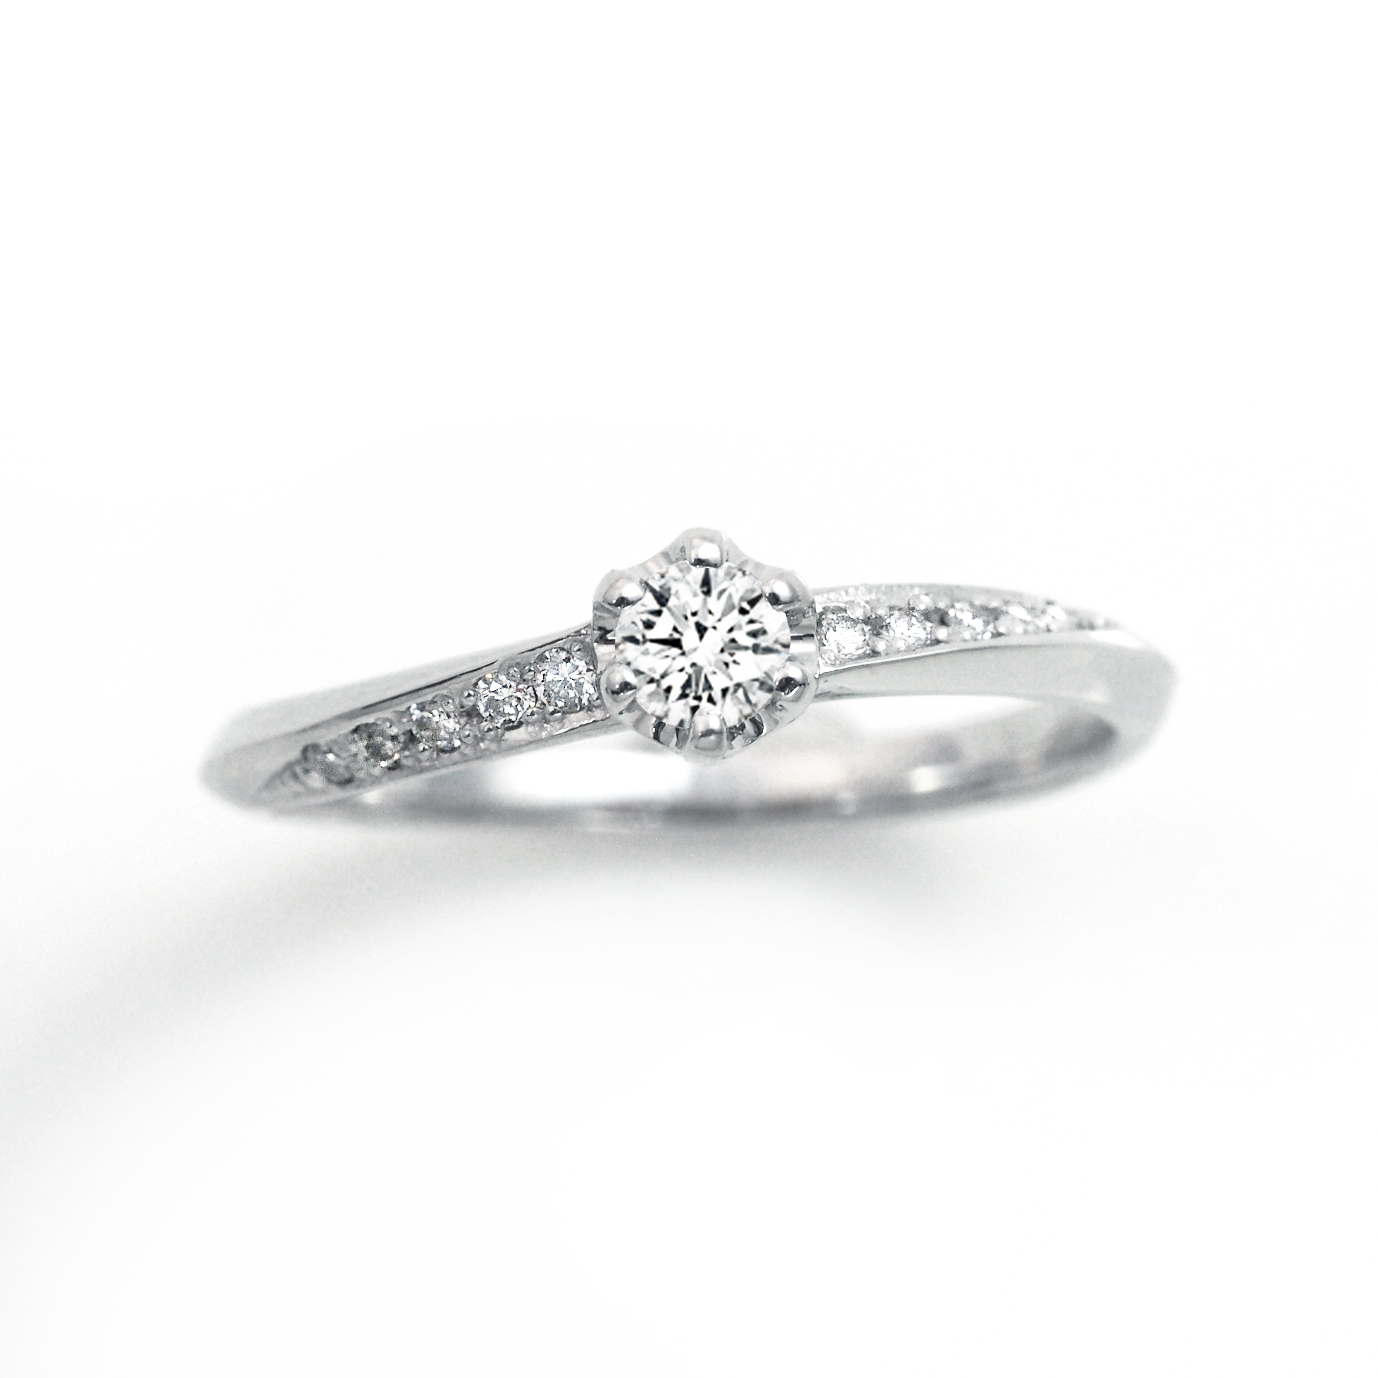 シンプル,フェミニン 婚約指輪のLP04802